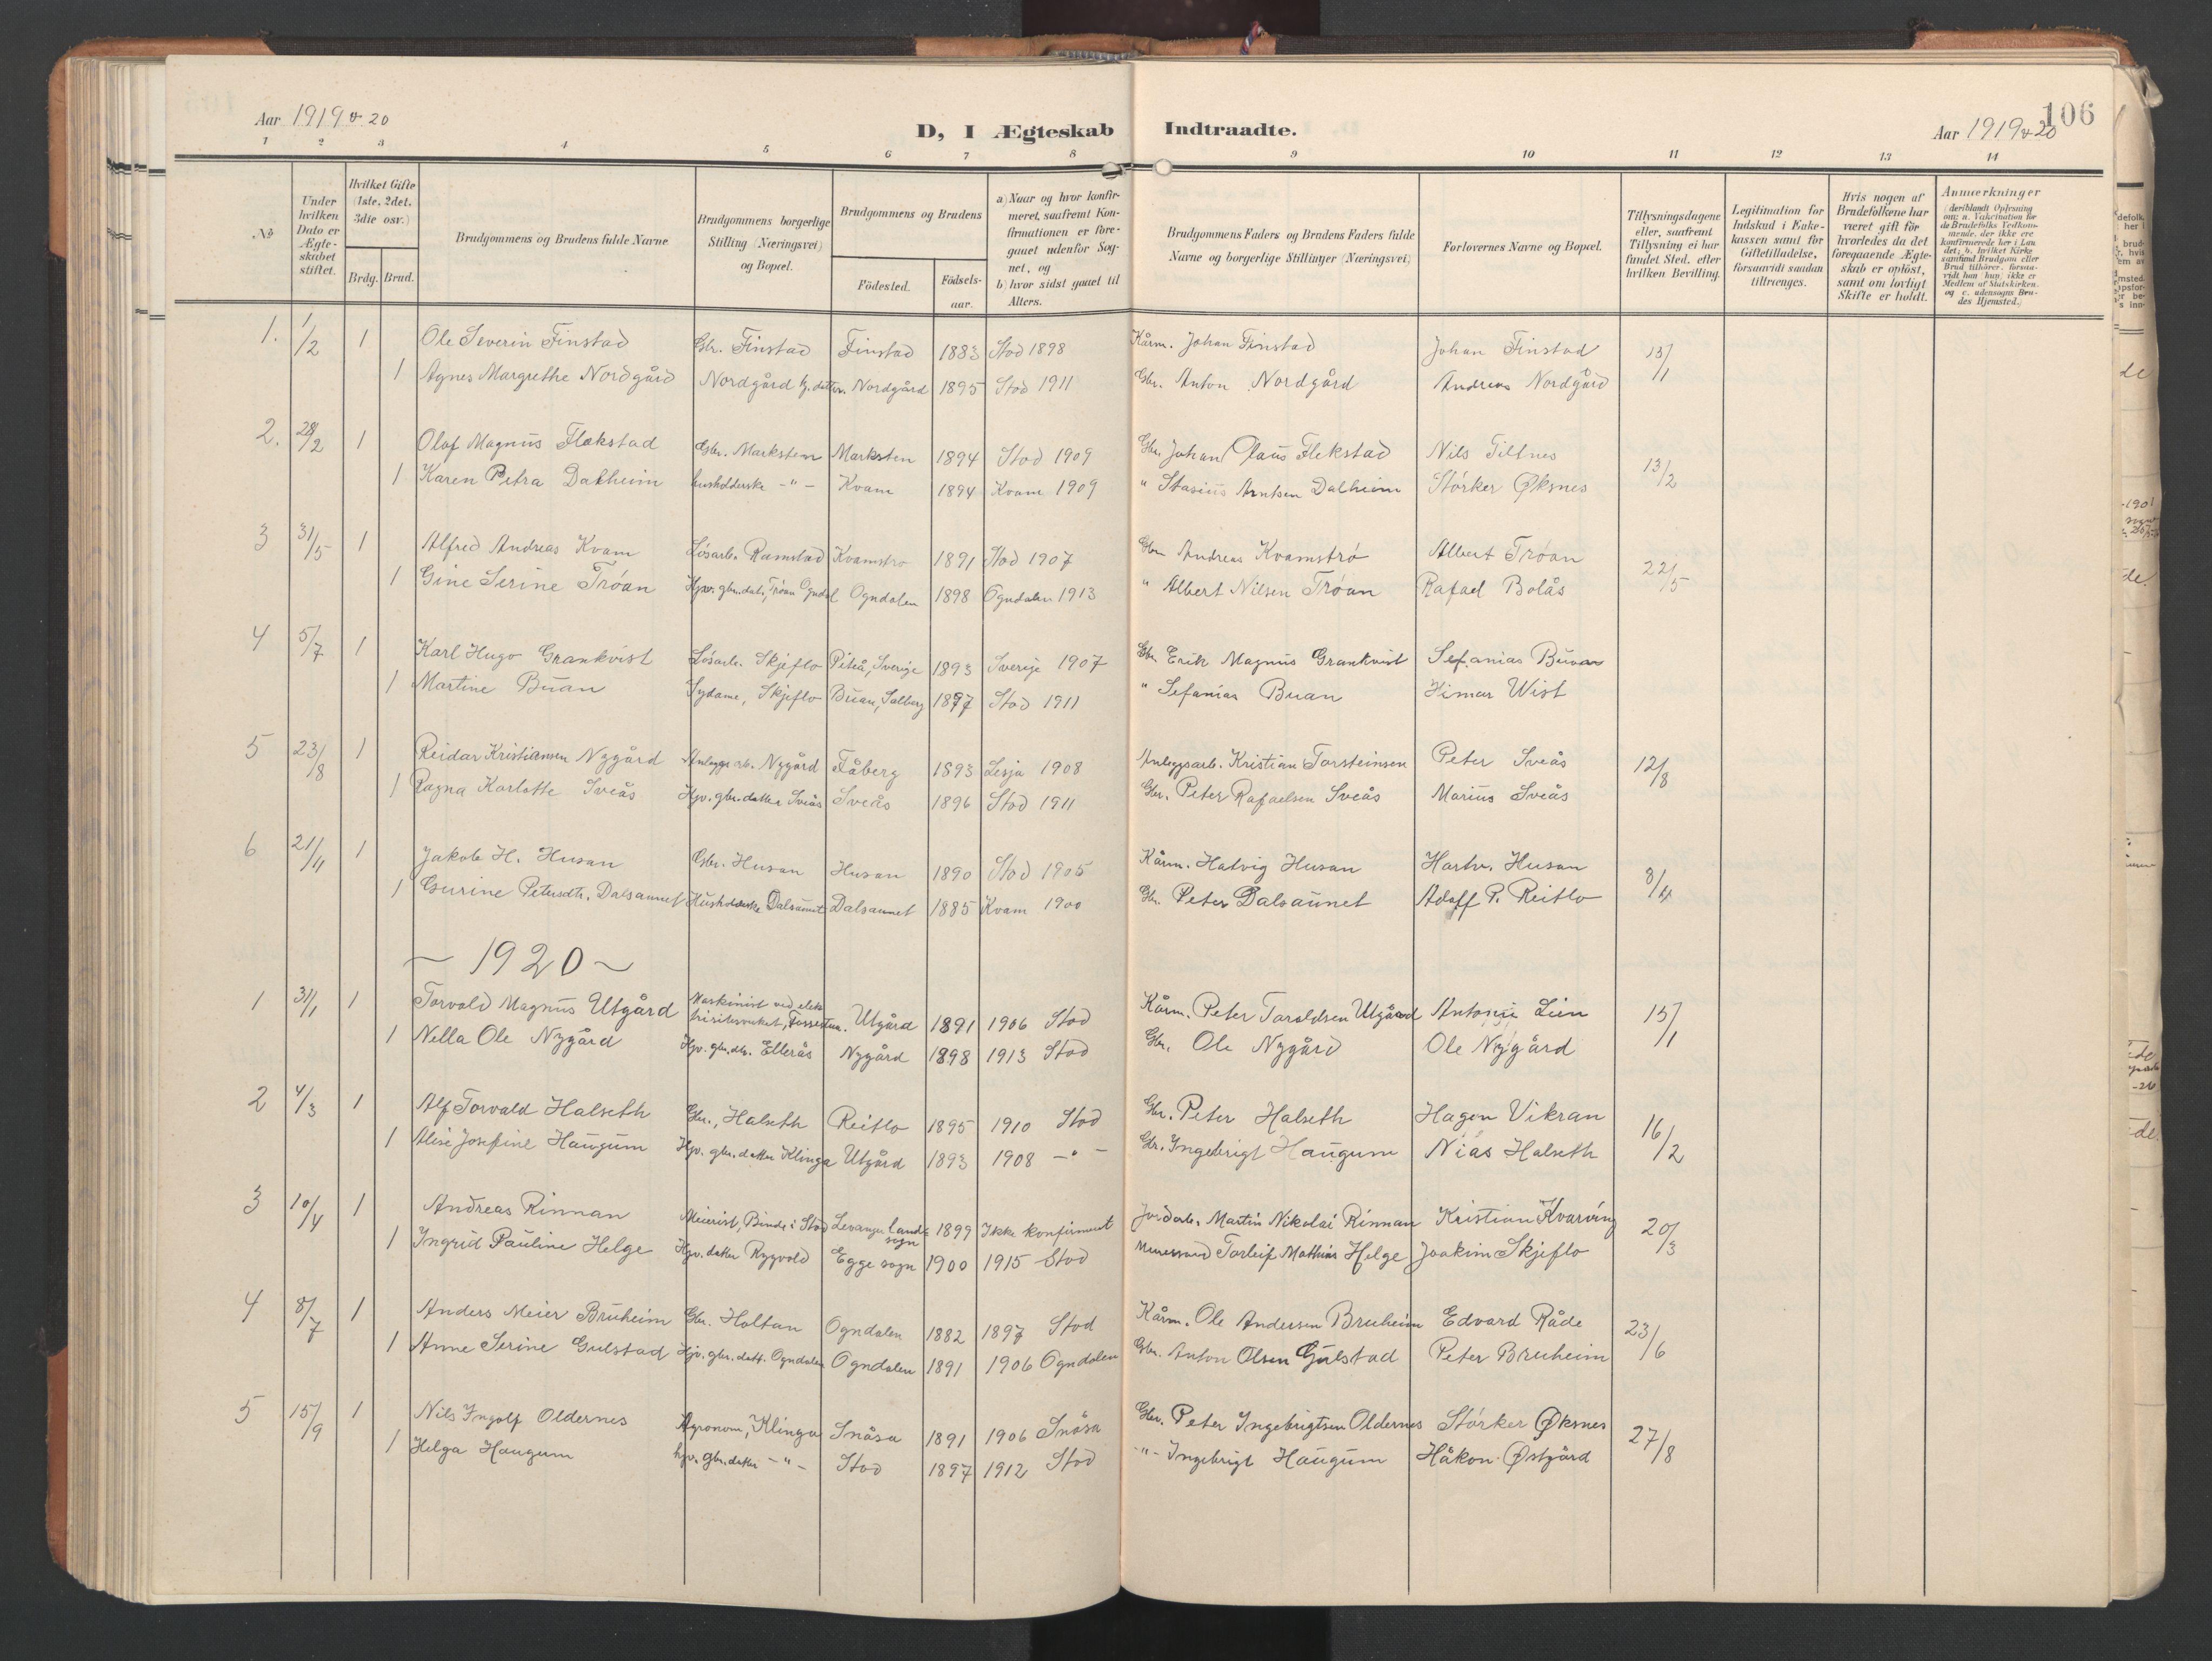 SAT, Ministerialprotokoller, klokkerbøker og fødselsregistre - Nord-Trøndelag, 746/L0455: Klokkerbok nr. 746C01, 1908-1933, s. 106